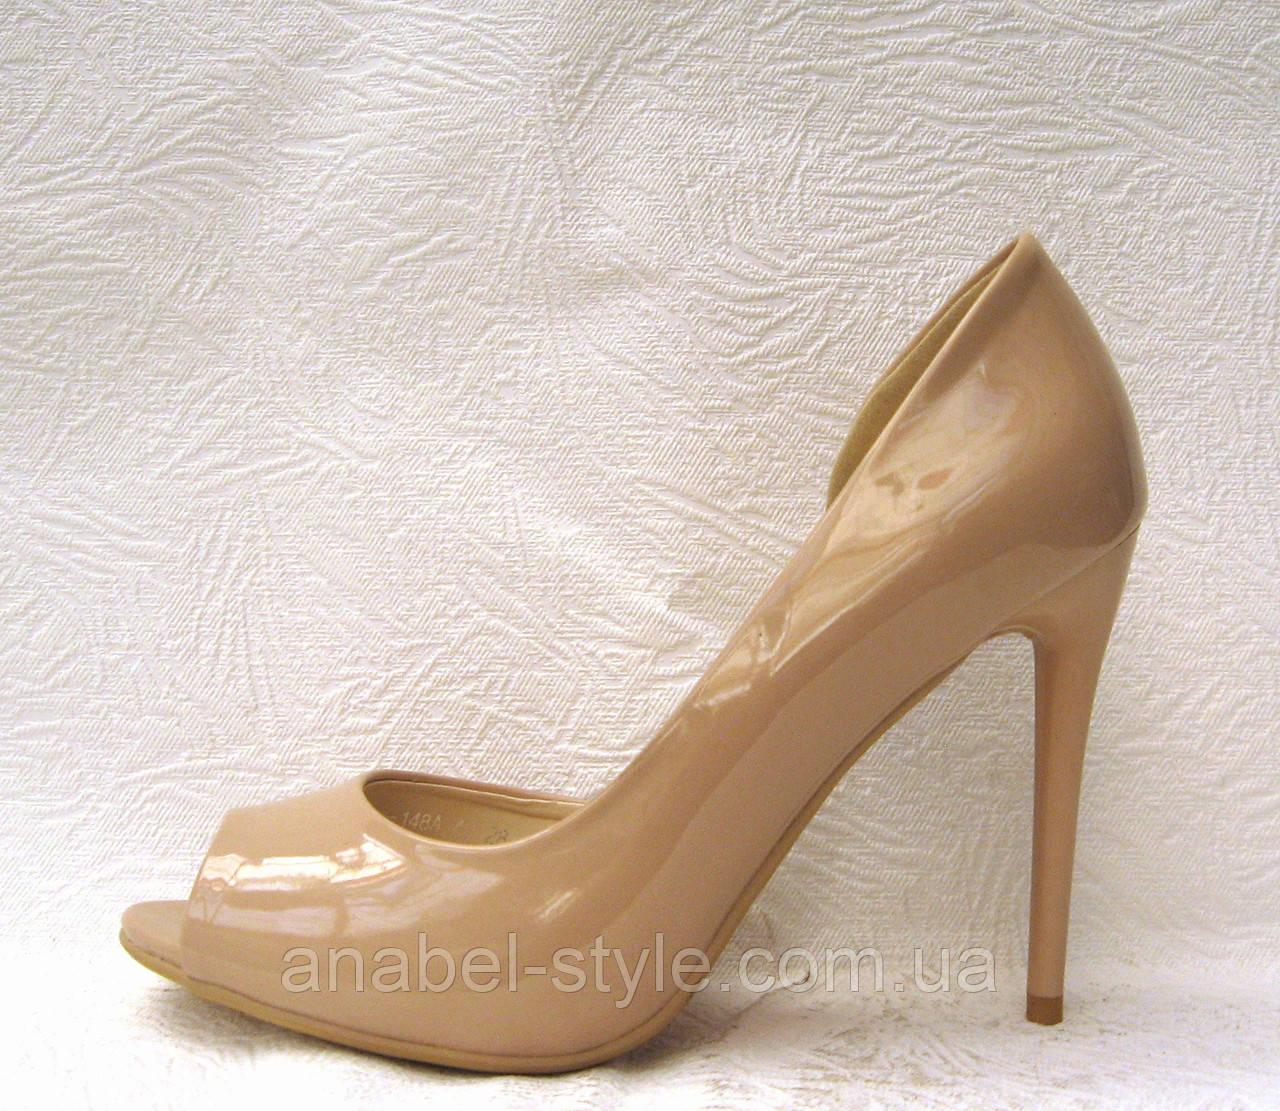 Туфли с открытым носком на шпильке лаковые бежевые - интернет-магазин